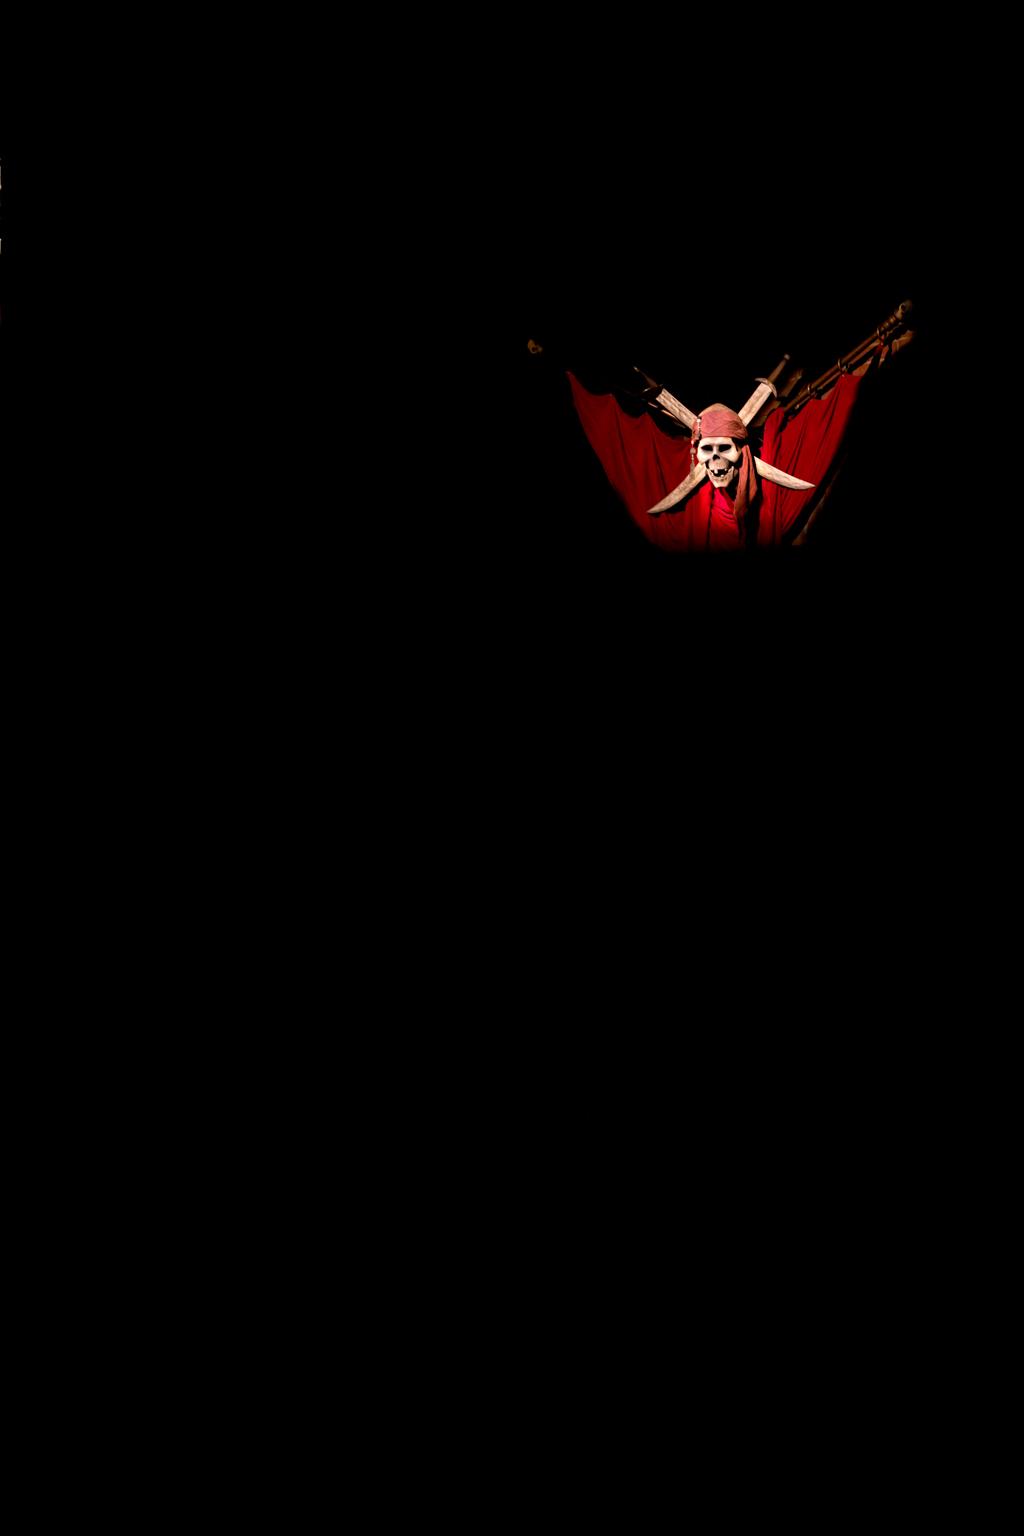 カリブの海賊 トンネル入口部(アトラクション)(アドベンチャーランド)(東京ディズニーランド)